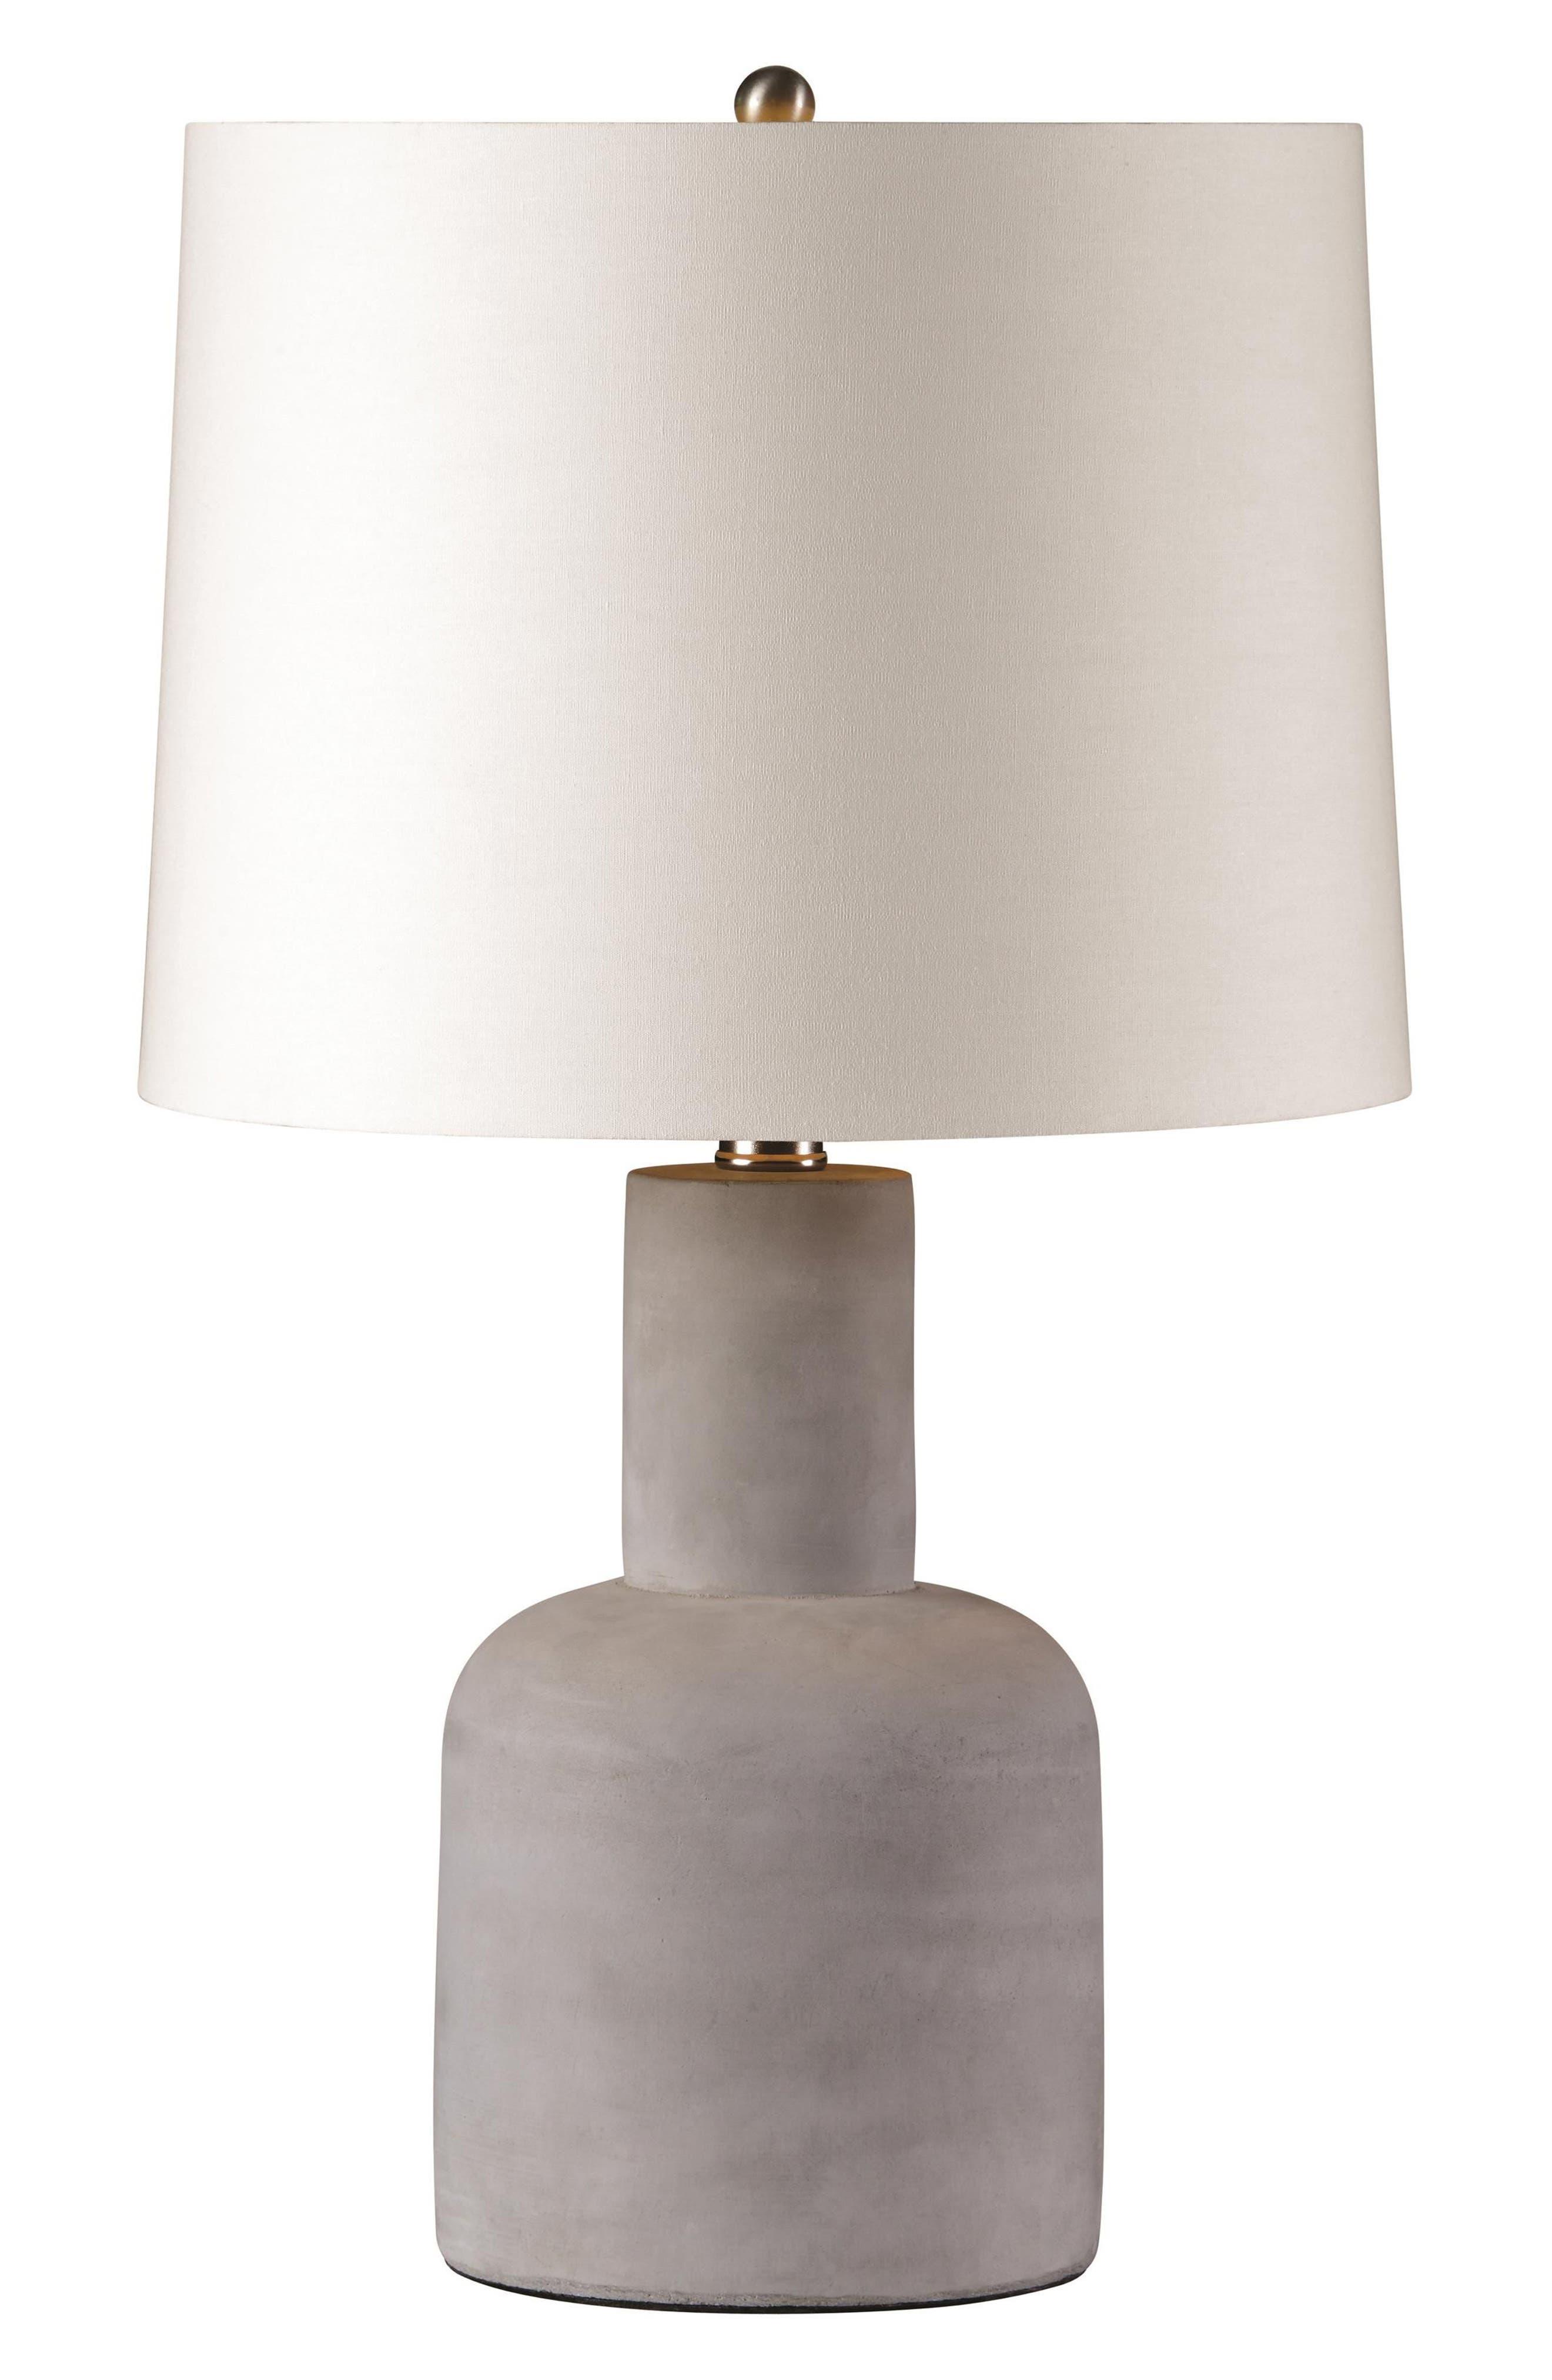 Main Image - Renwil Dansk Table Lamp